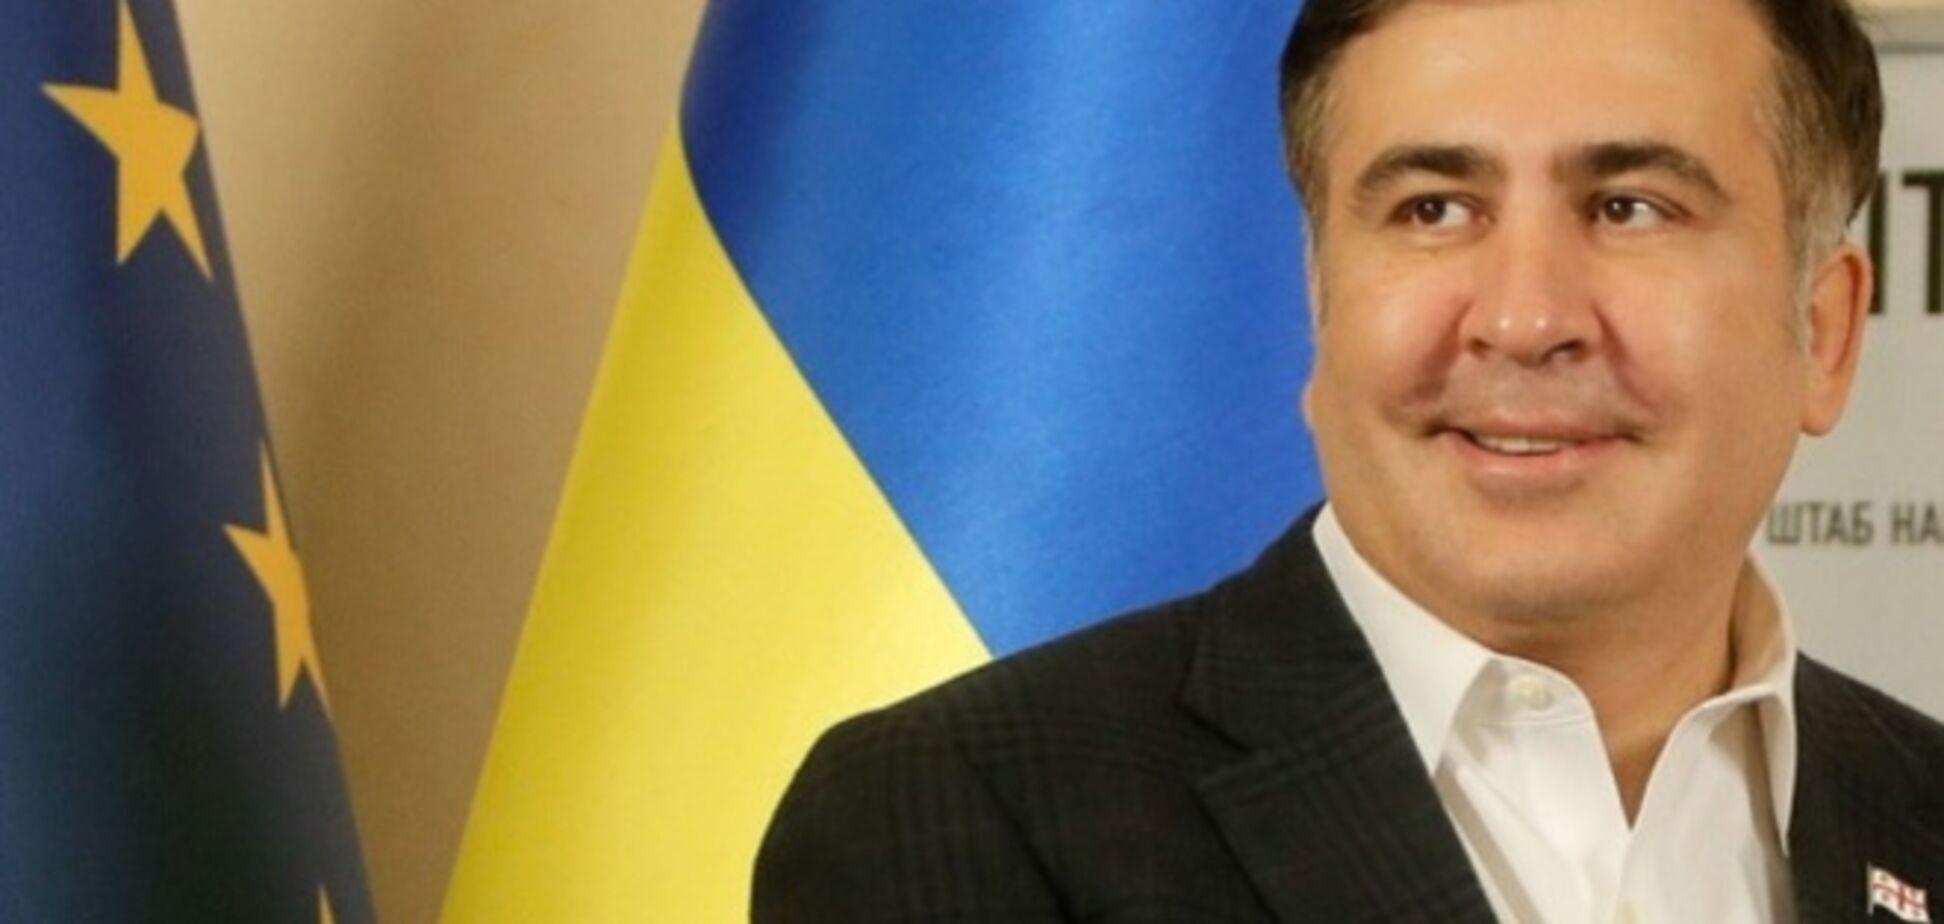 Саакашвілі розповів, чому чиновники з маленькою зарплатою - вороги України